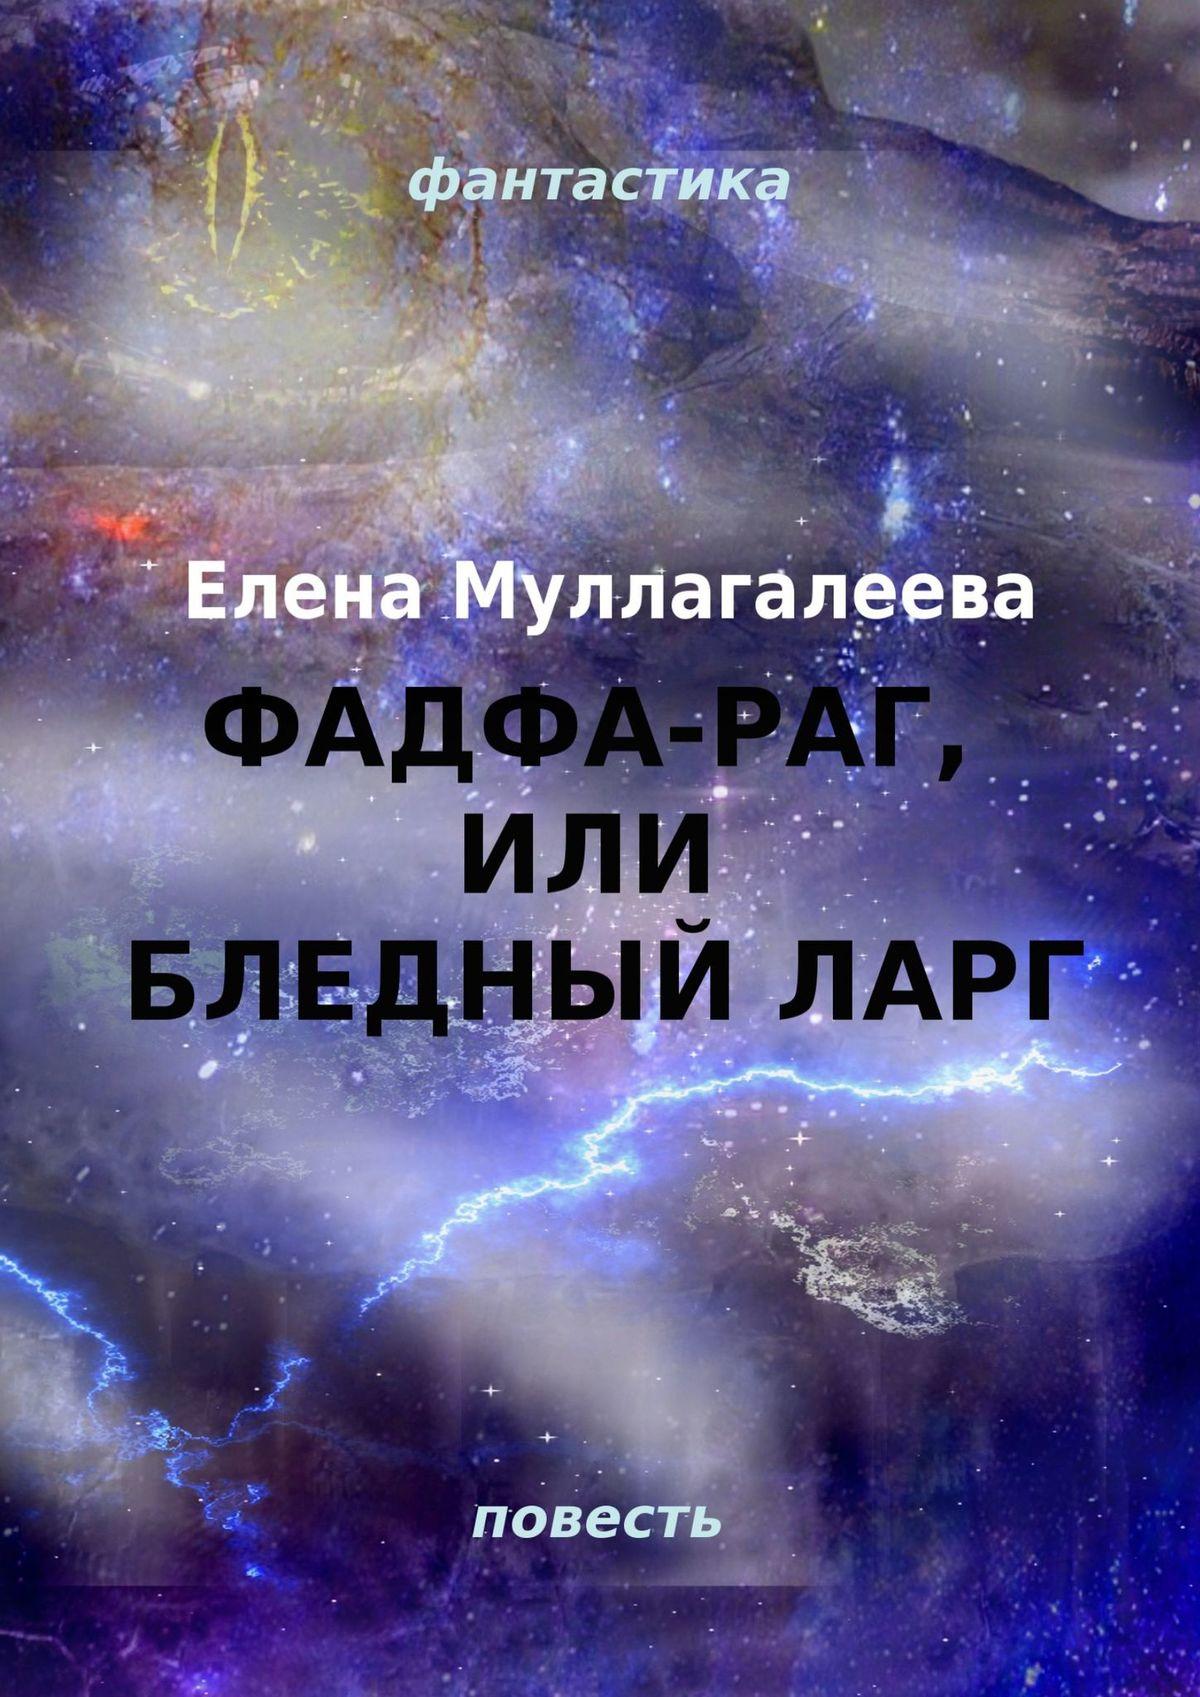 Елена Муллагалеева Фадфа-раг, или Бледный ларг